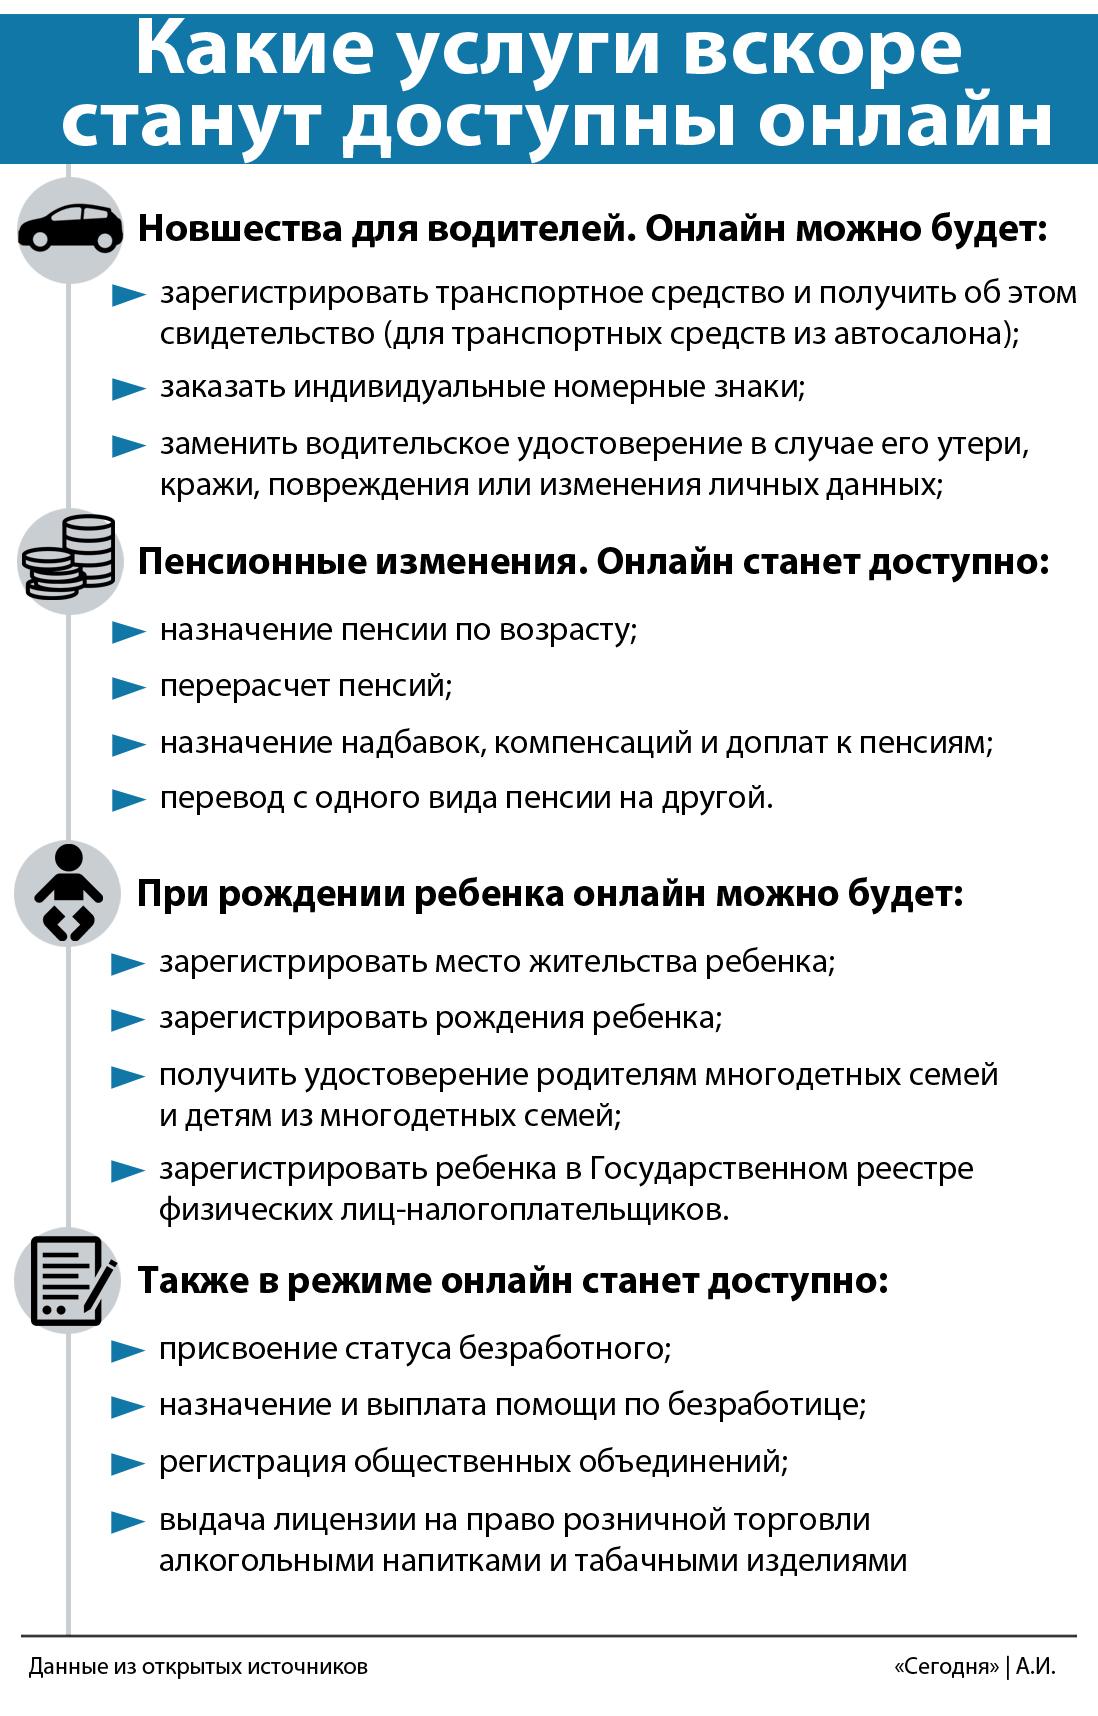 Електронна Україна: які послуги незабаром стануть доступні онлайн, фото-2